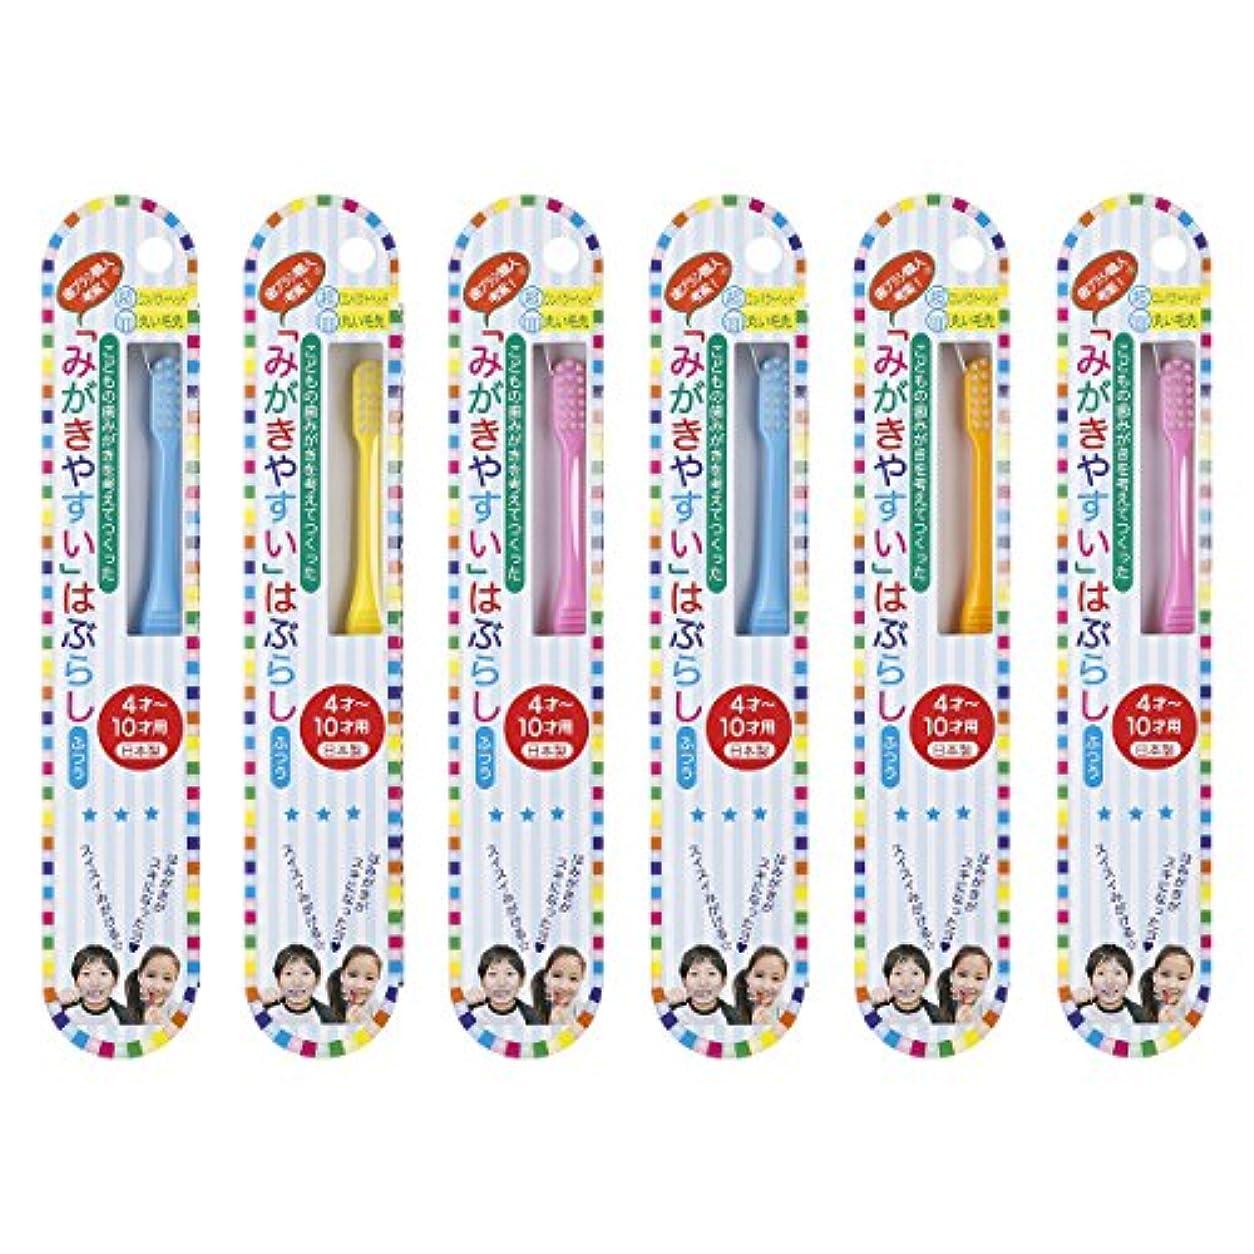 トンネル遠征重力歯ブラシ職人Artooth 日本製 田辺重吉 磨きやすい歯ブラシこども用 LT-10 (6本パック)